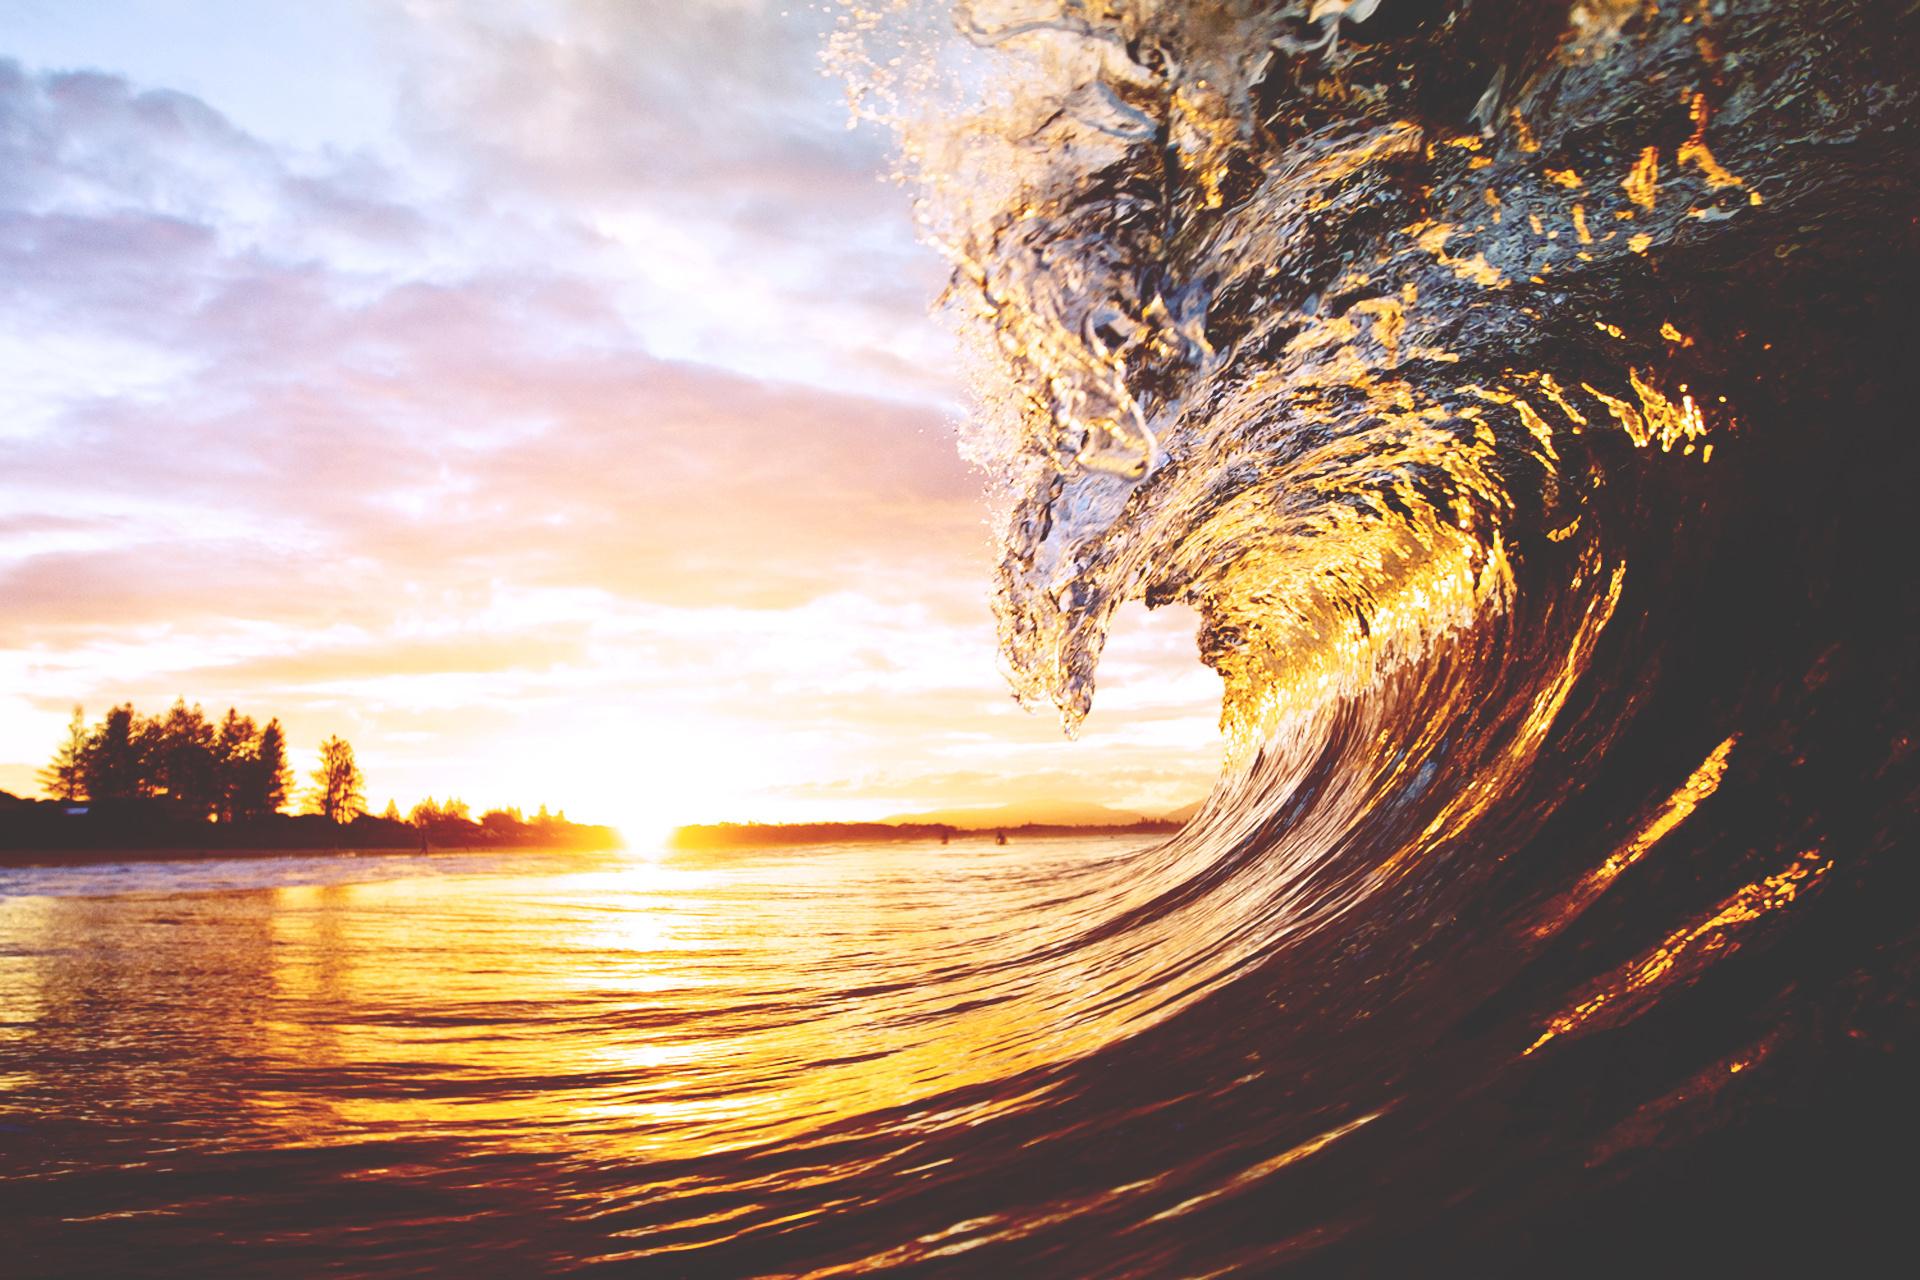 42+ Sunset on the Beach Wallpaper on WallpaperSafari